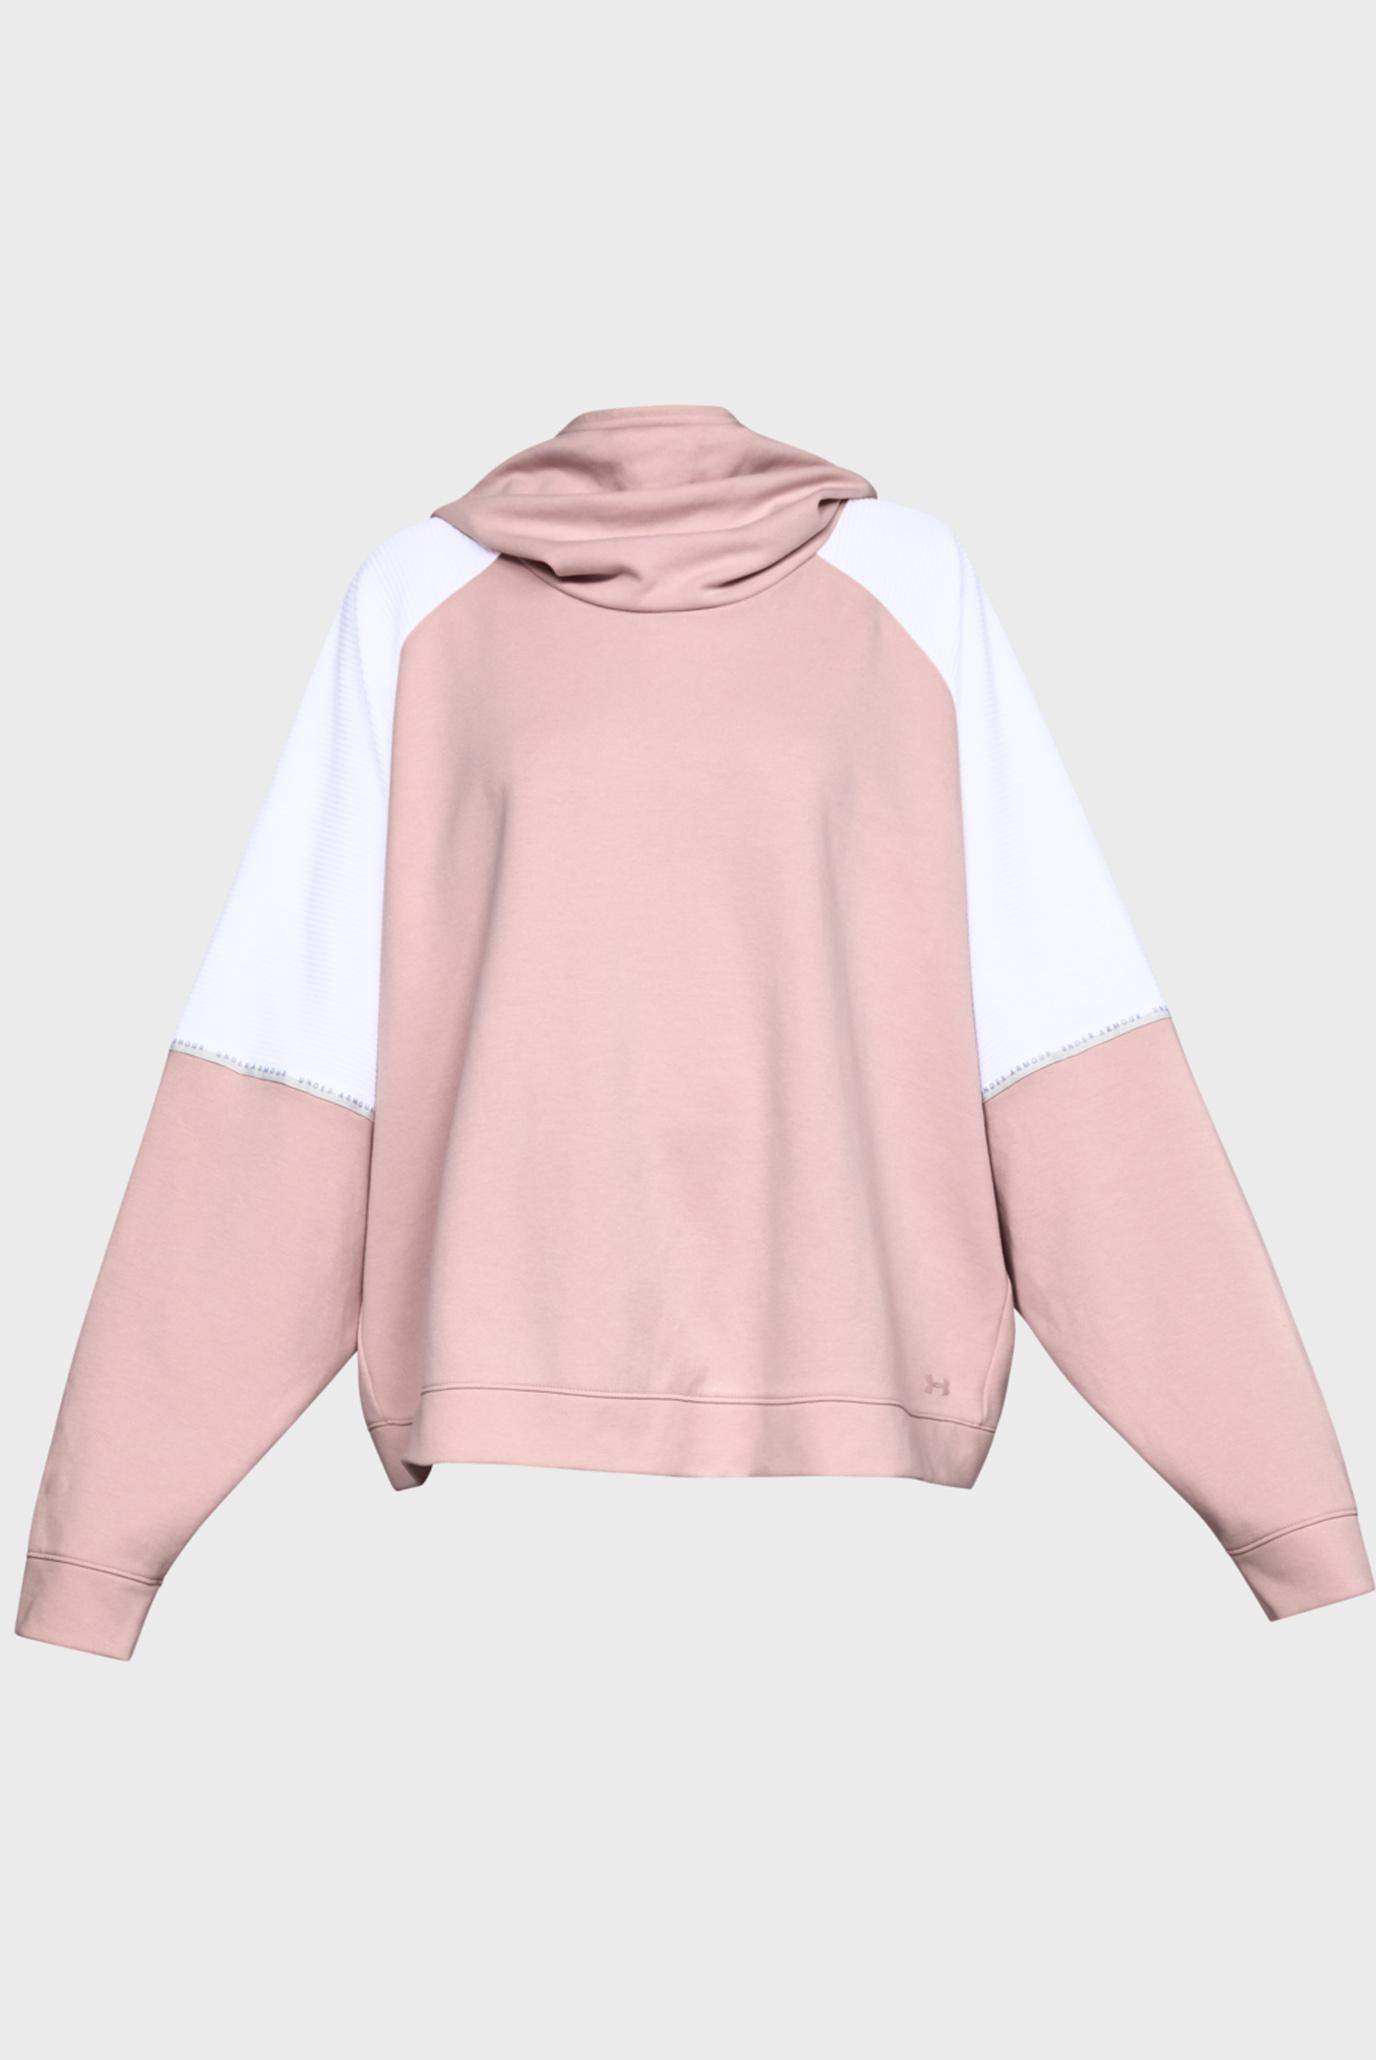 Купить Женское розовое худи UNSTOPPABLE DOUBLE KNIT OS HOODIE Under Armour Under Armour 1328226-602 – Киев, Украина. Цены в интернет магазине MD Fashion